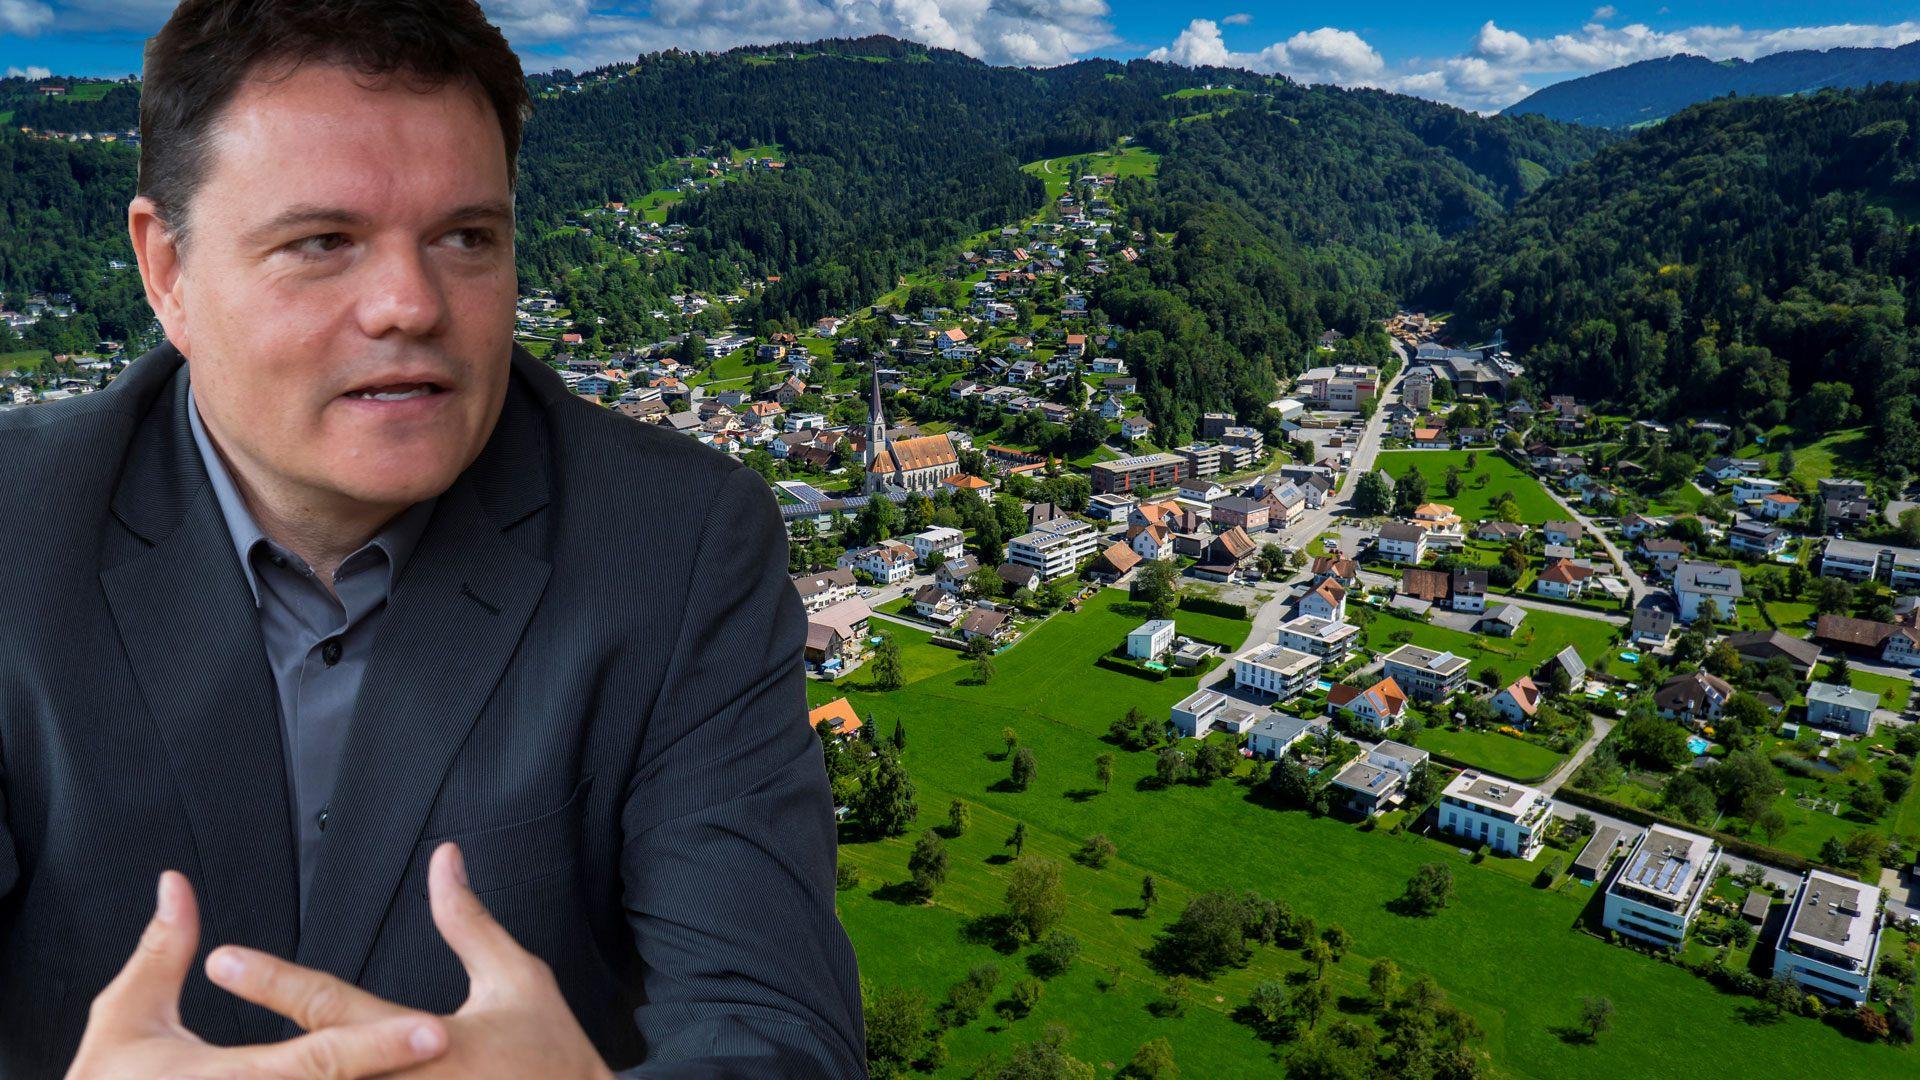 Wir Suchen Dich in Schwarzach - Partnersuche & Kontakte